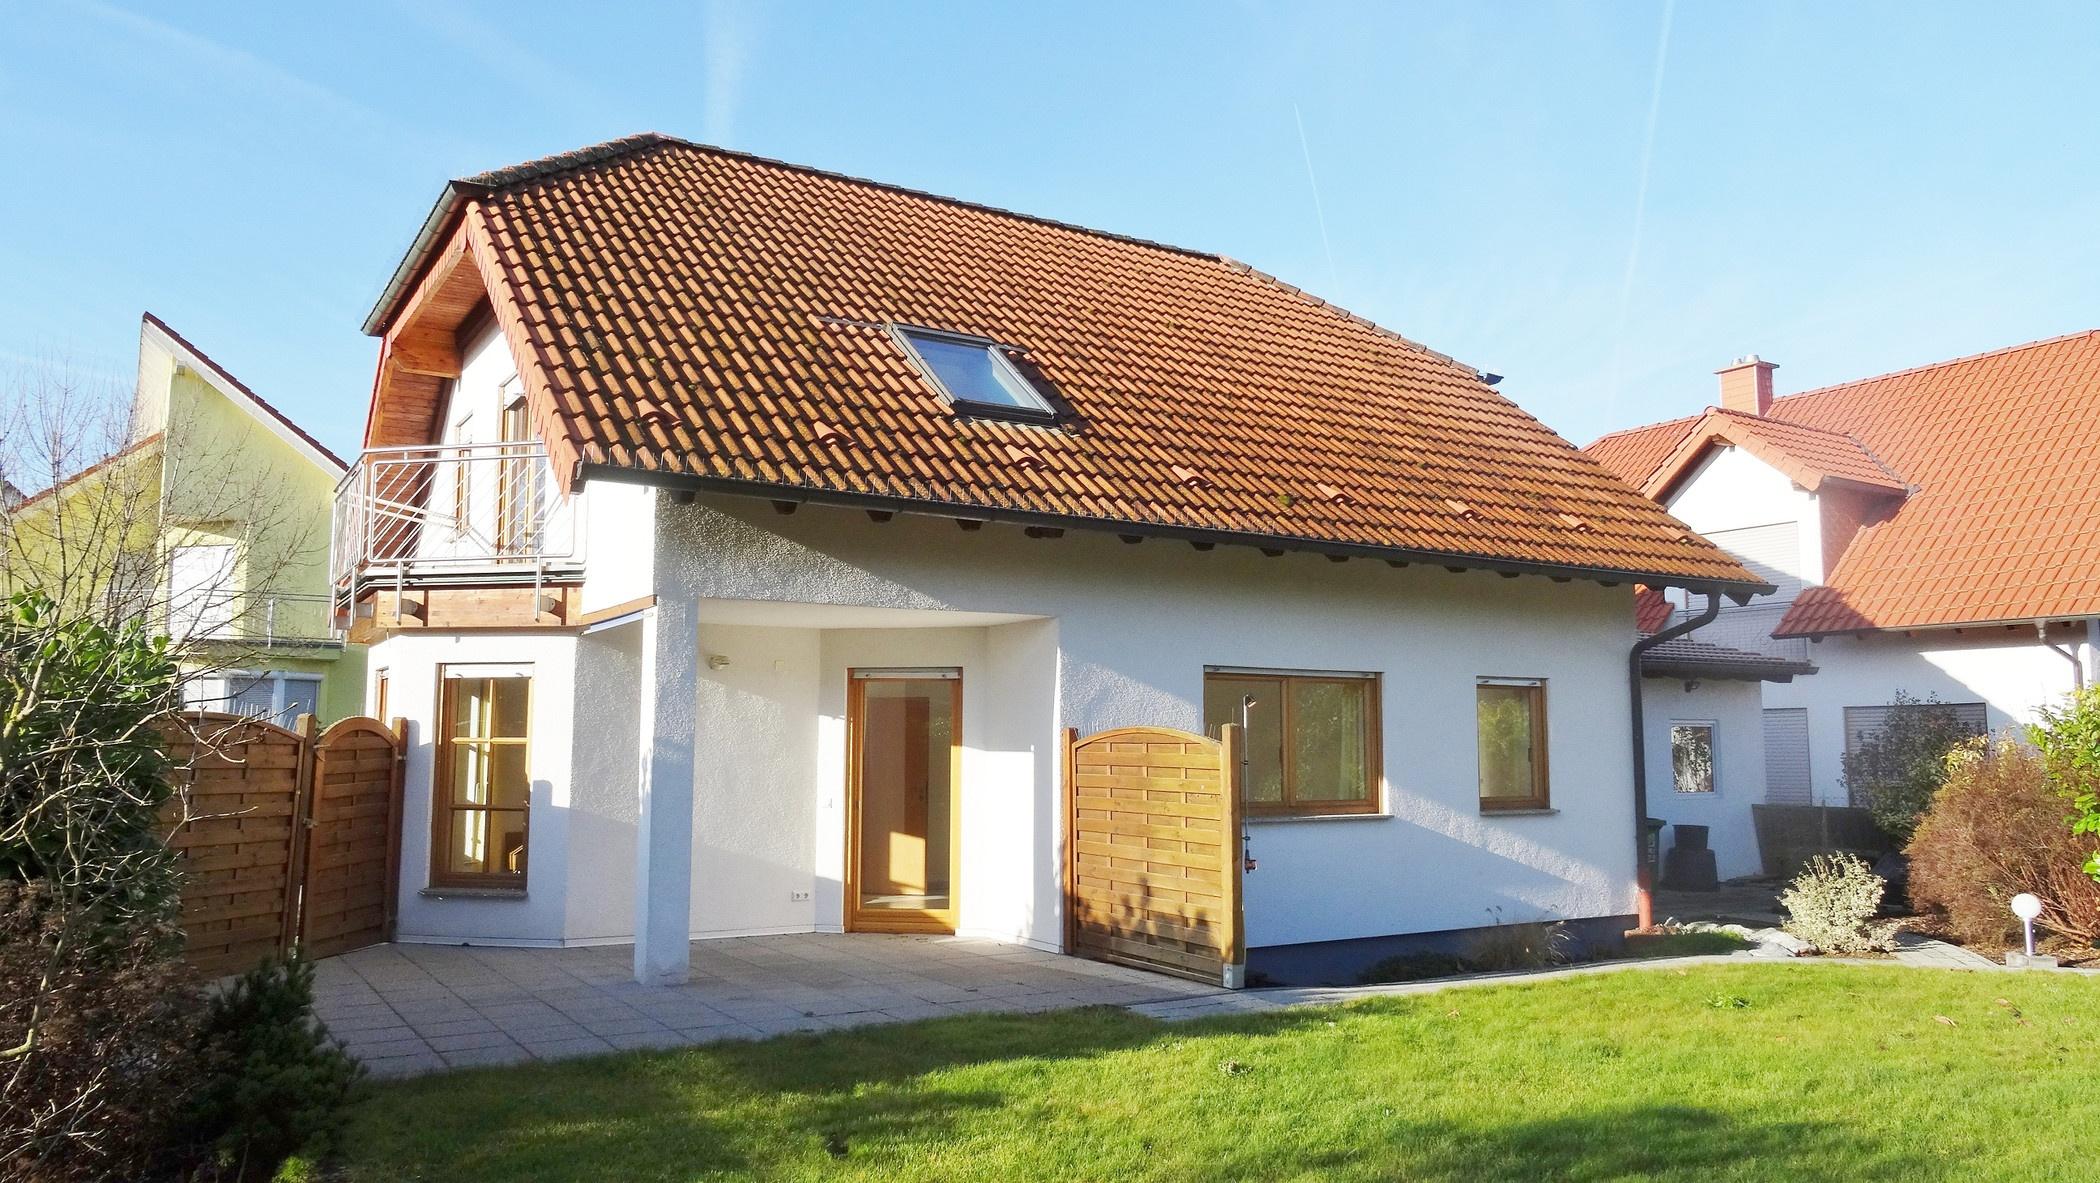 Warum wollen Sie sich mit weniger zufrieden geben? Massivhaus mit Terrasse  Garten…, 67591 Mörstadt, Einfamilienhaus